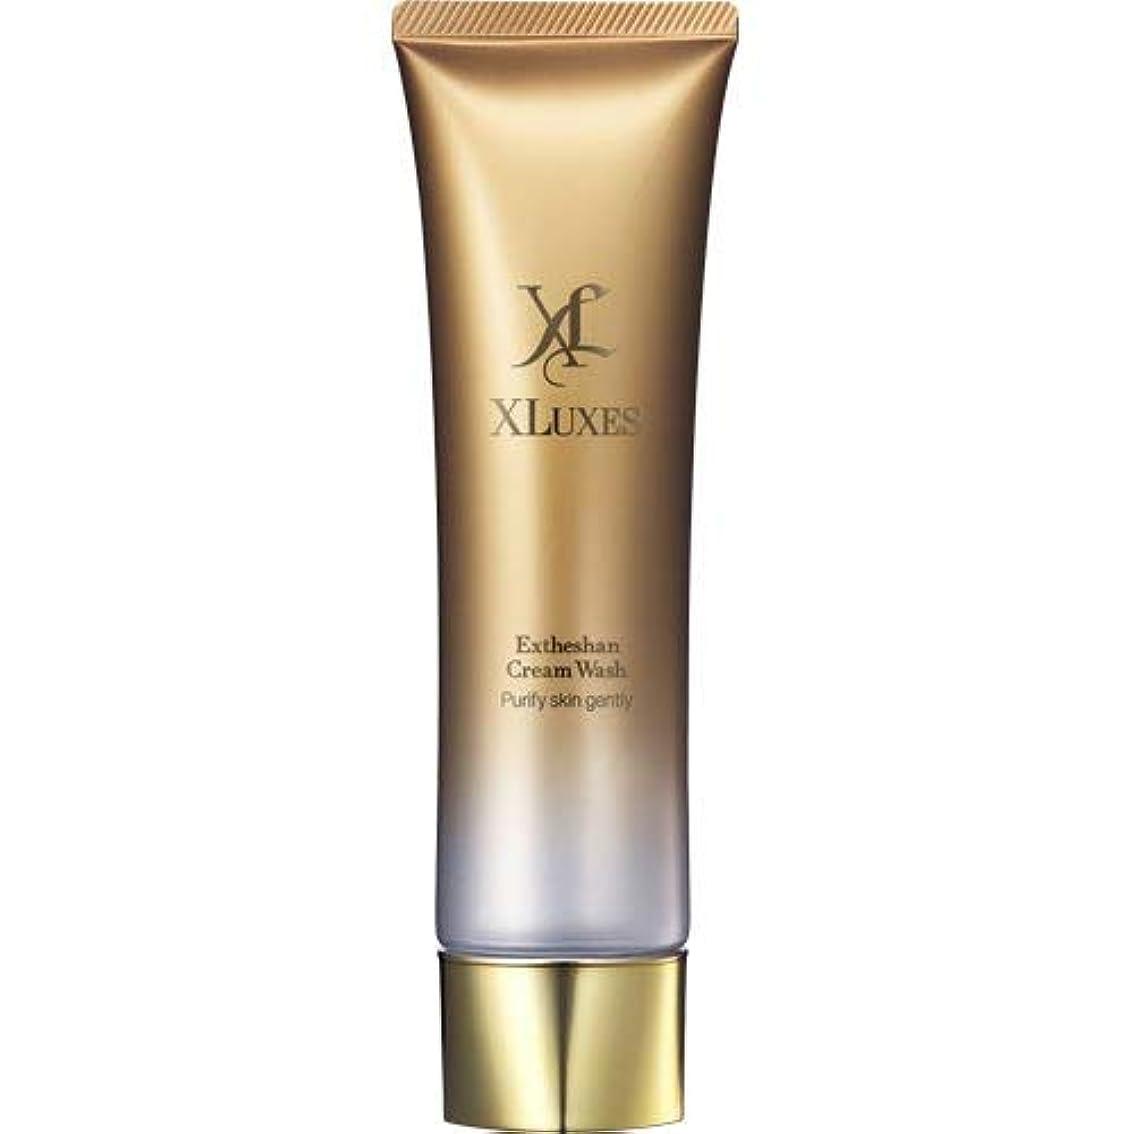 バラエティ性格災害XLUXES スキンケア洗顔料 ヒト幹細胞培養液配合 エグゼティシャン クリームウォッシュ